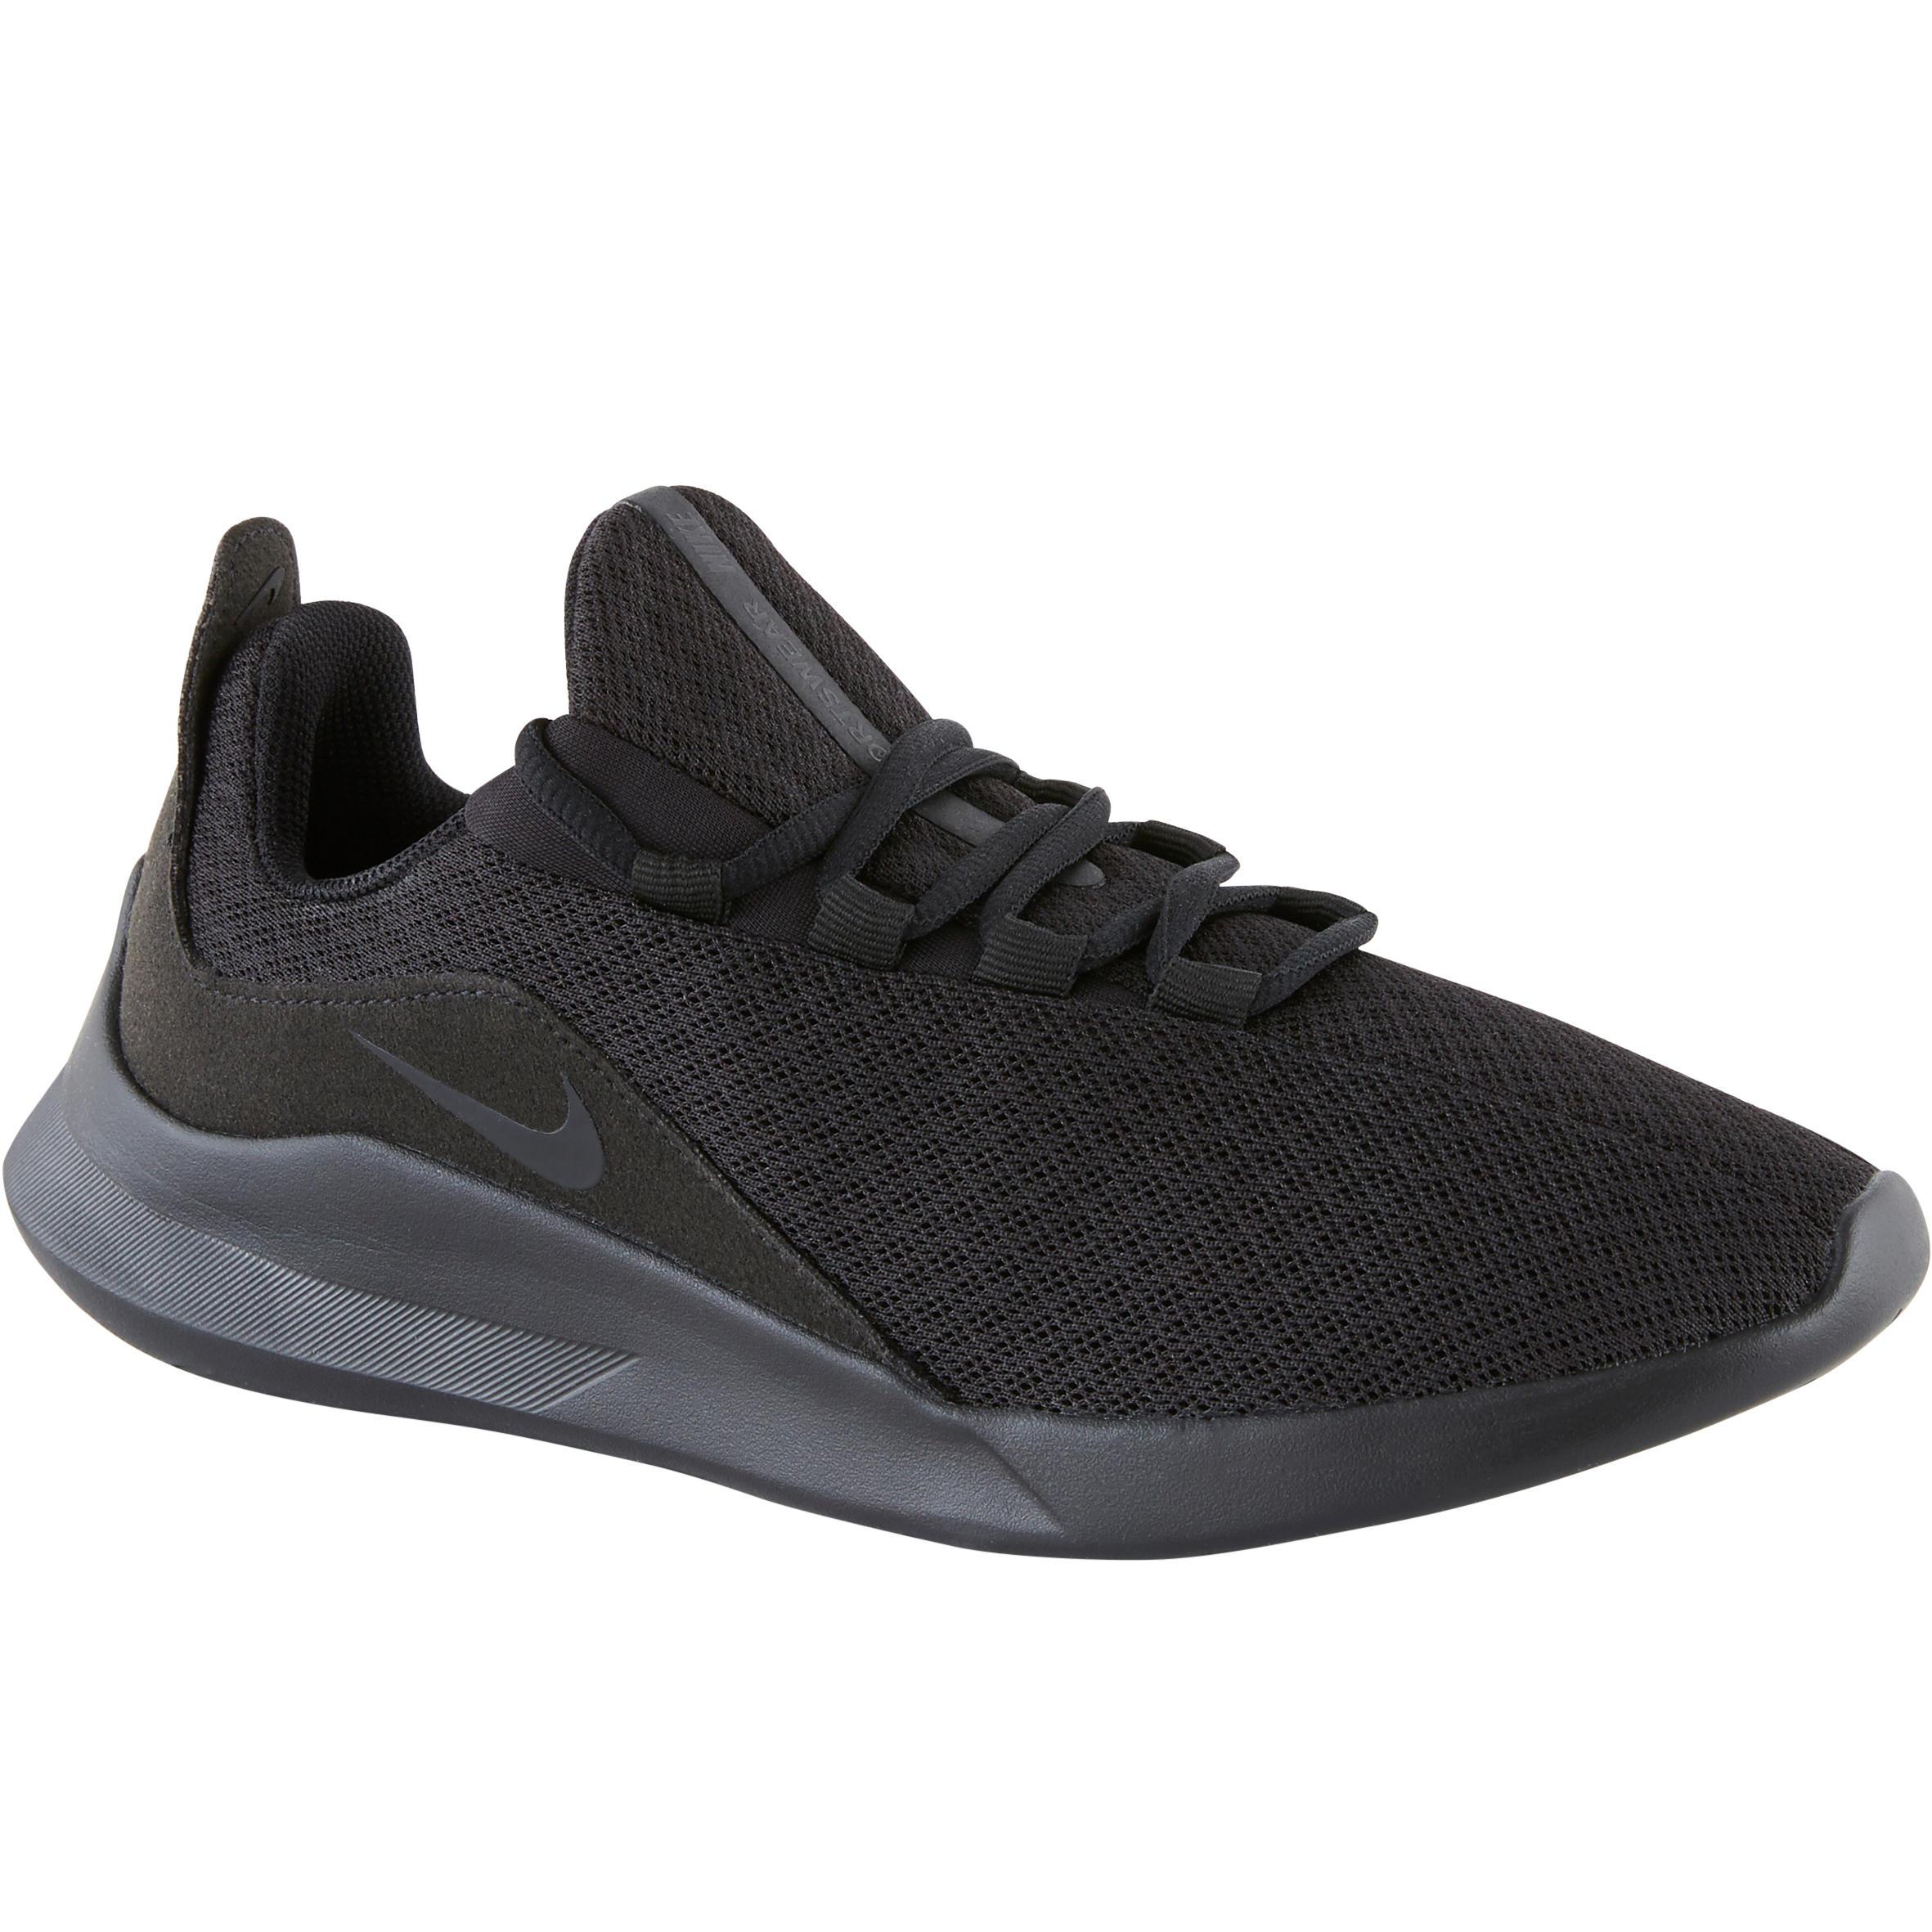 Walkingschuhe Viale Damen schwarz | Schuhe > Sportschuhe > Walkingschuhe | Nike